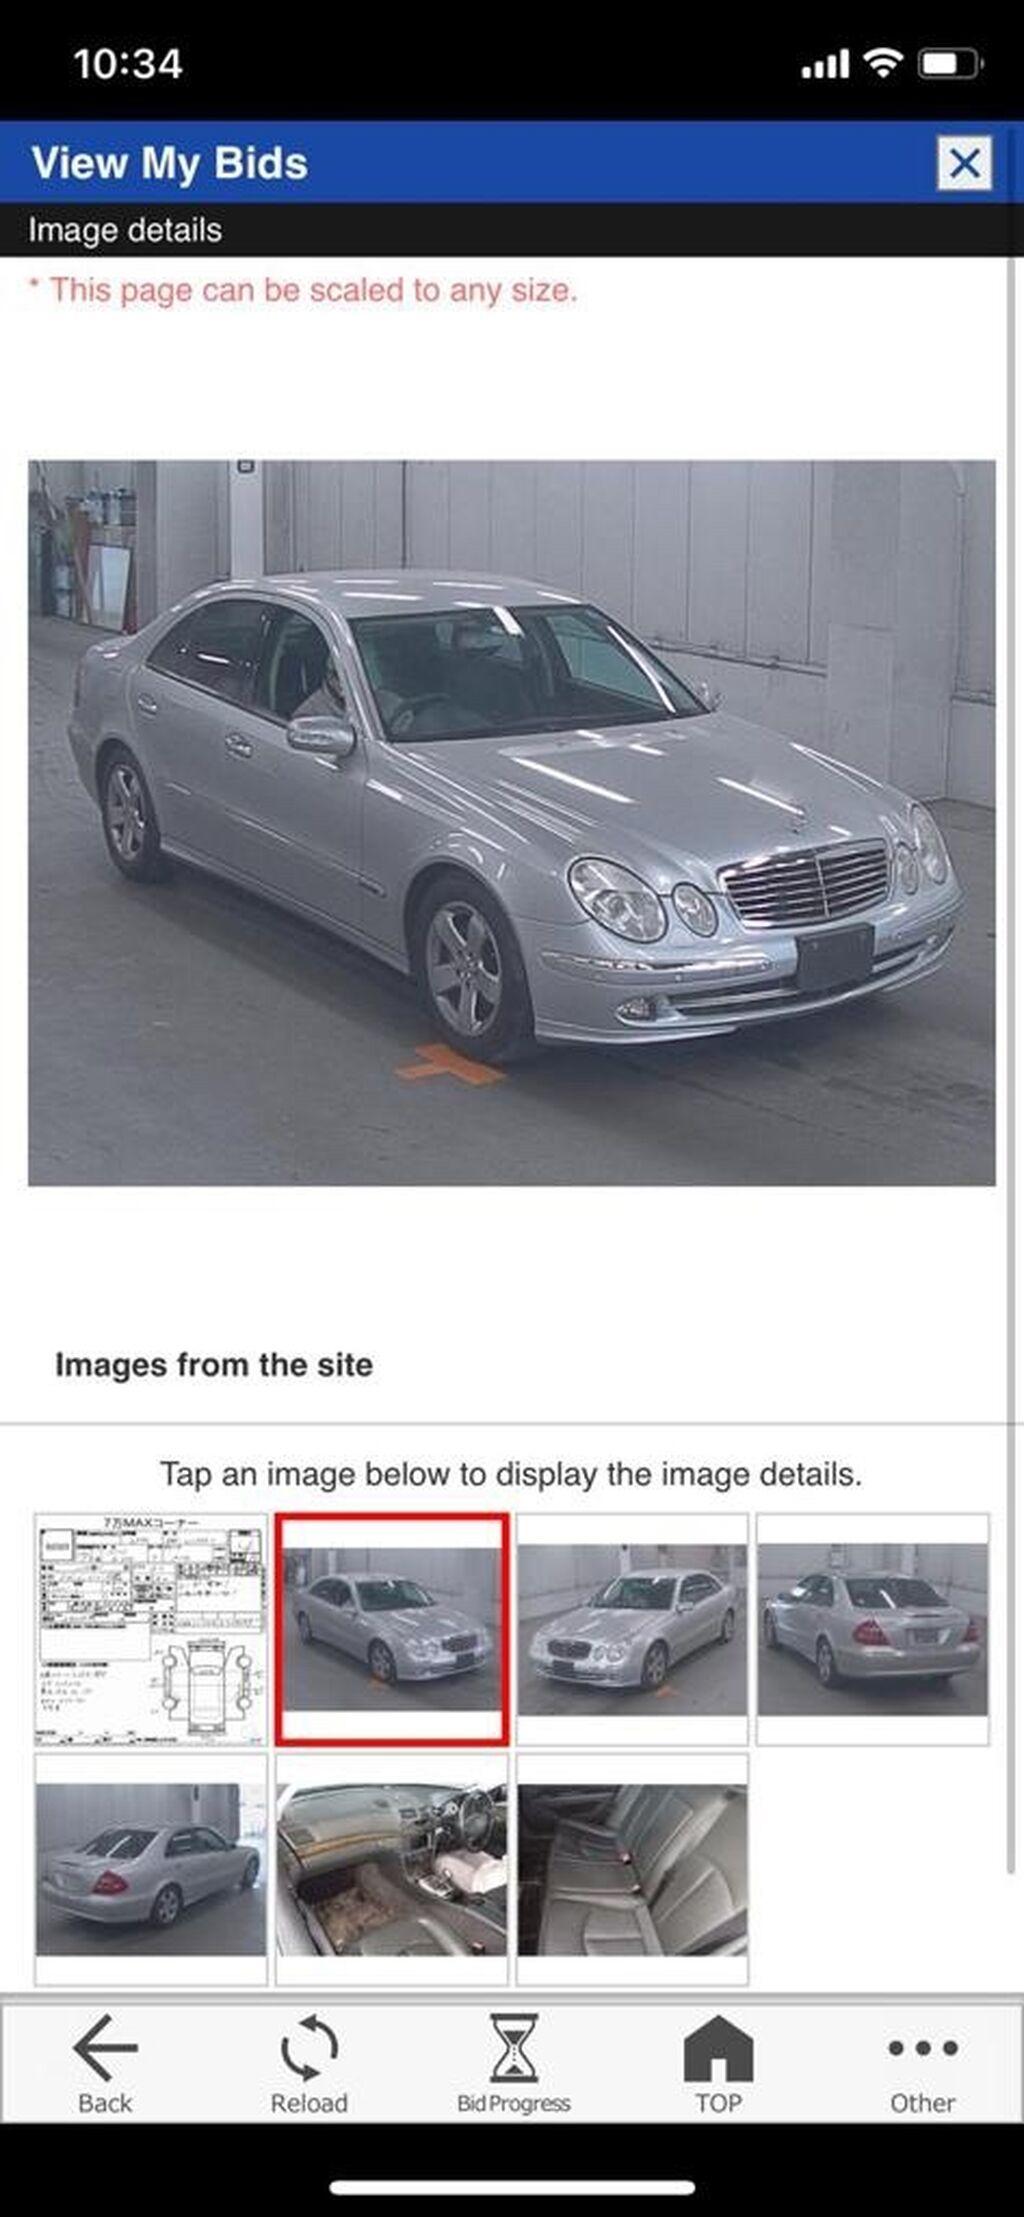 Авто Запчасти на Мерседес Бенз W211, год выпуска 2005, объём двигателя: Авто Запчасти на Мерседес Бенз W211, год выпуска 2005, объём двигателя